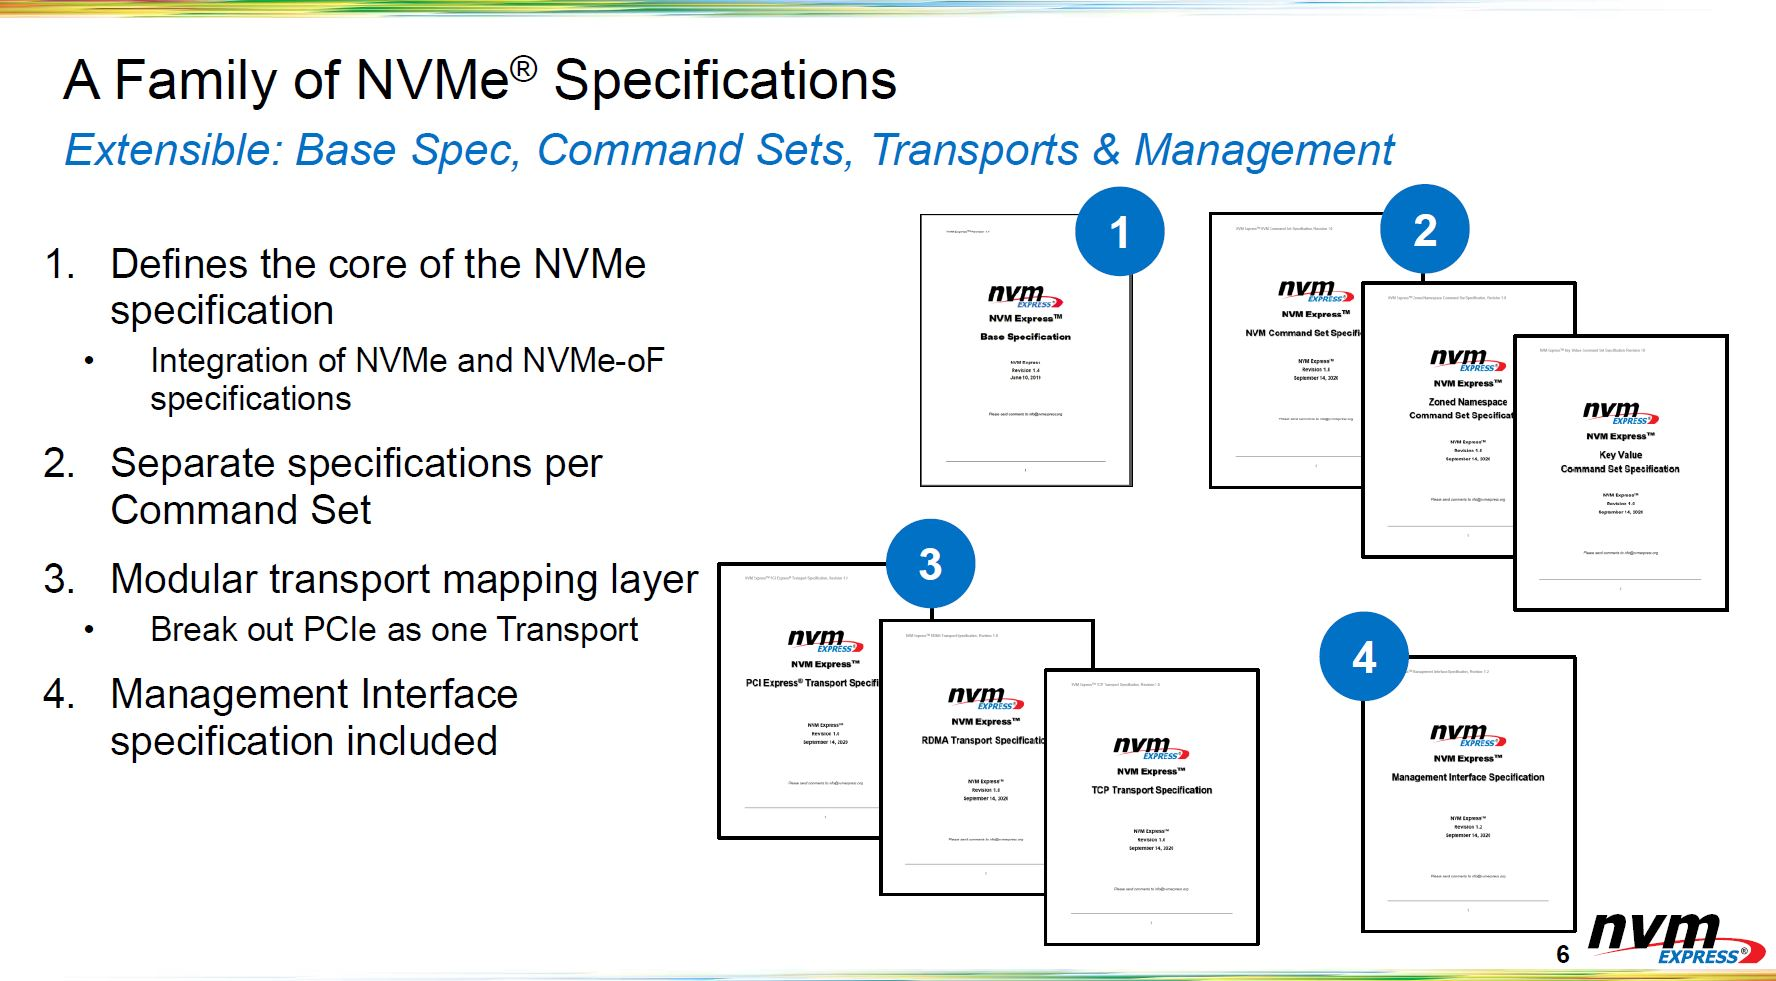 NVMe 2.0 Spec Family